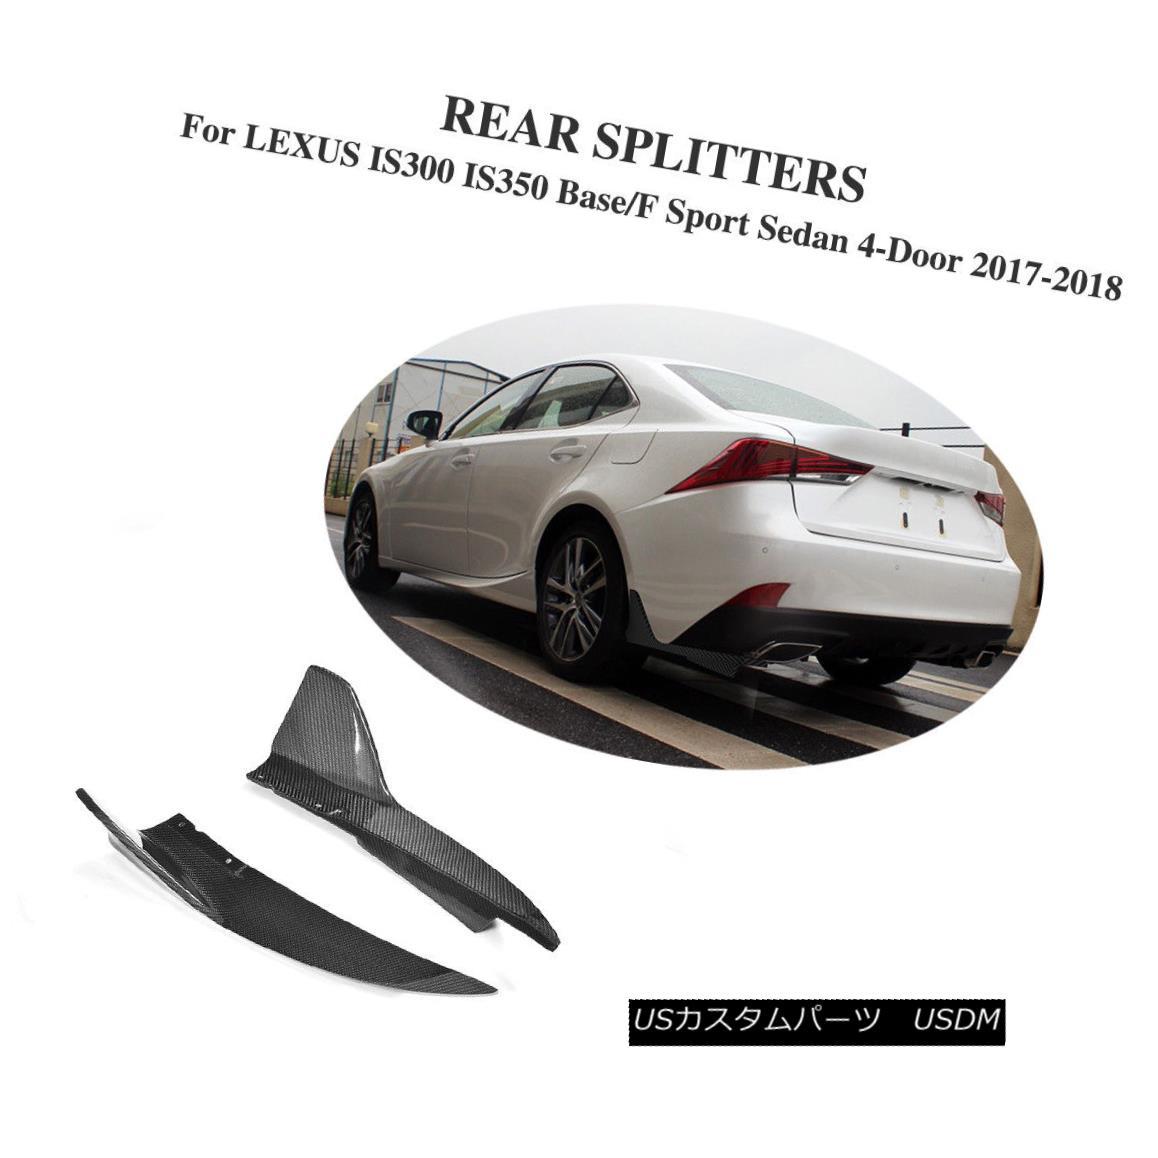 エアロパーツ Carbon Fiber Rear Lip Splitter Bumper Fit For LEXUS Base F Sport Sedan 4D 17-18 LEXUSベースFスポーツセダン4D 17-18のためのカーボンファイバーリアリップスプリッターバンパーフィット